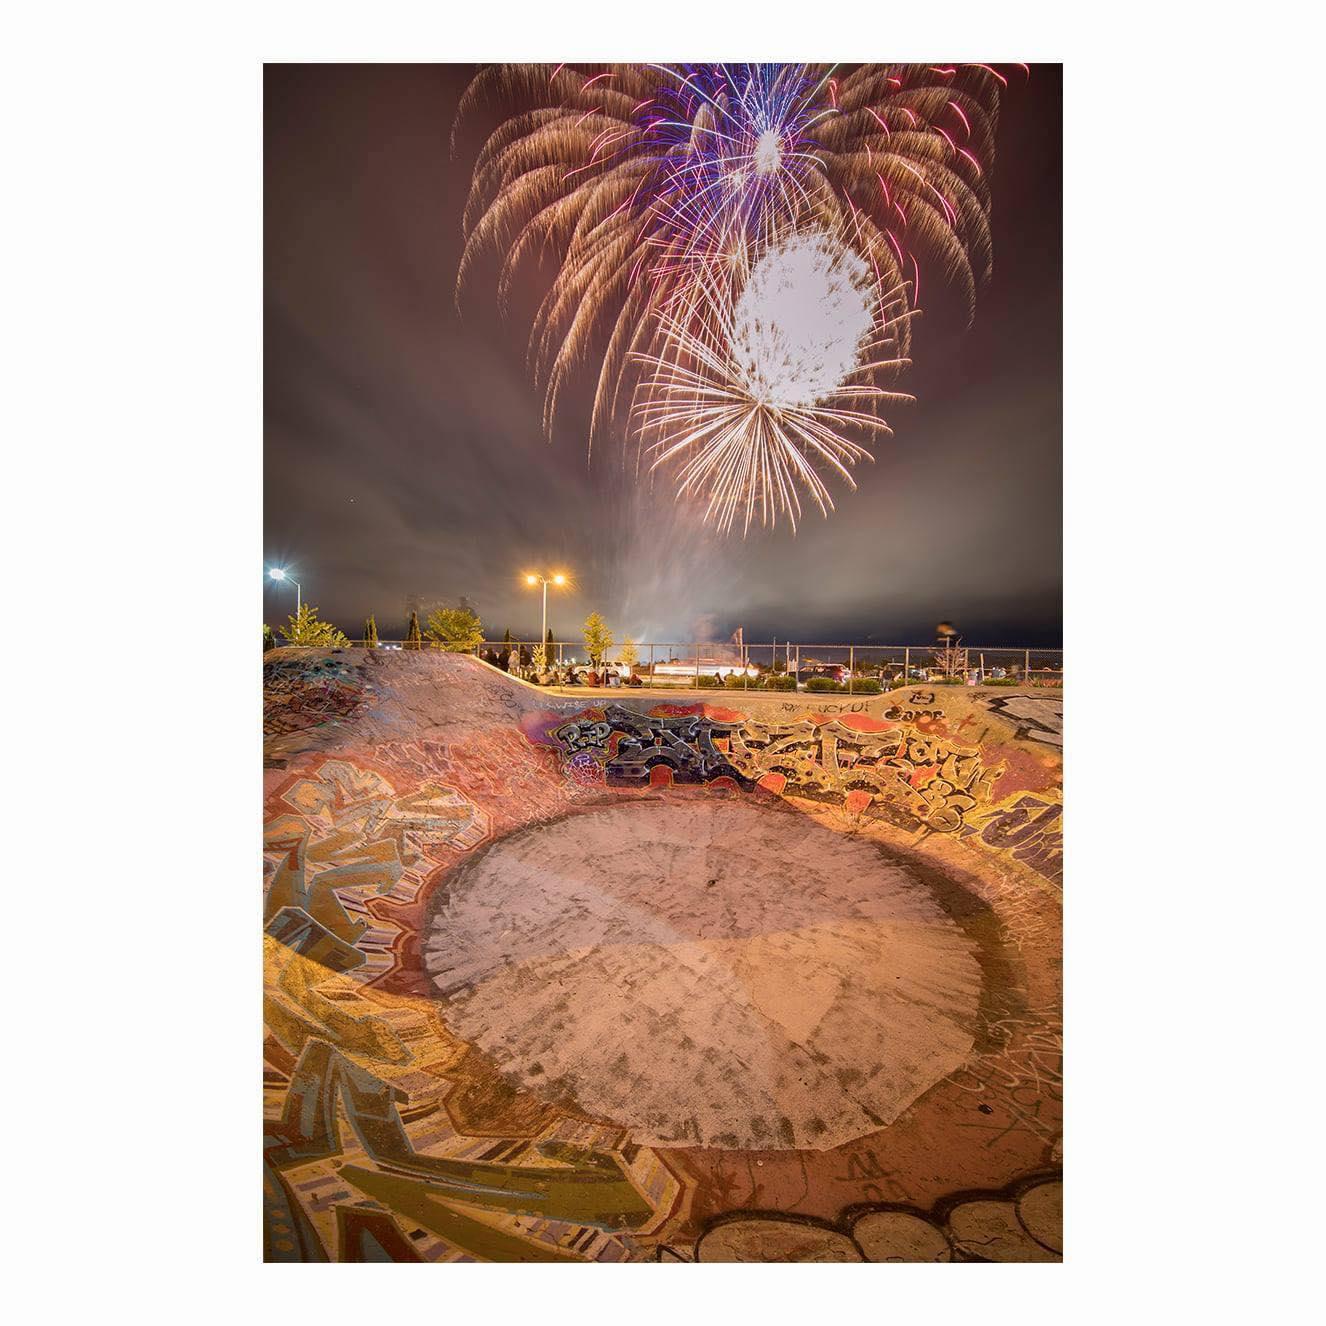 fireworks over skate park